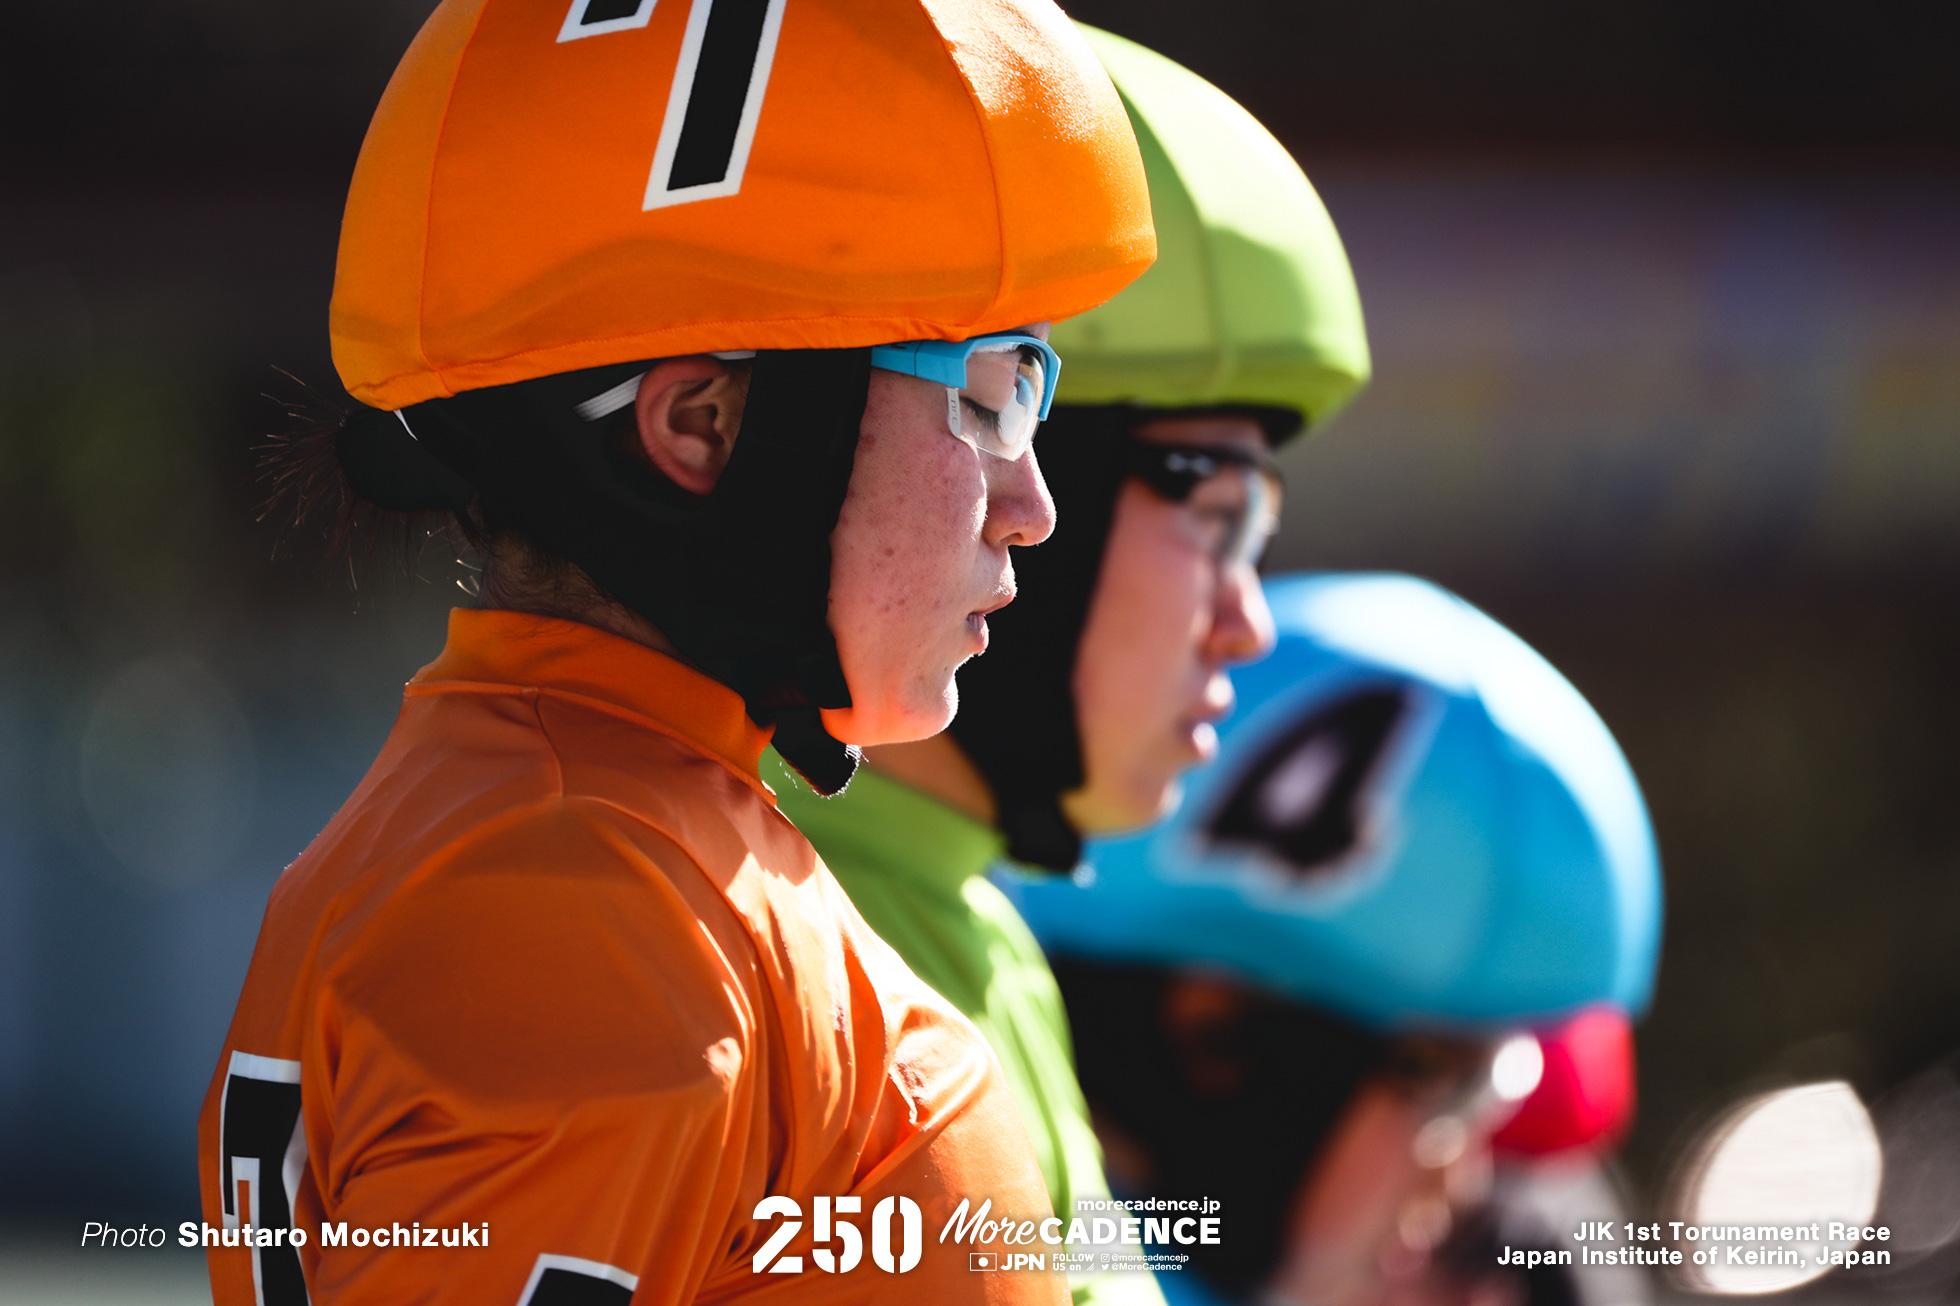 吉本杏夏, 第119回生・120回生第1回トーナメント競争